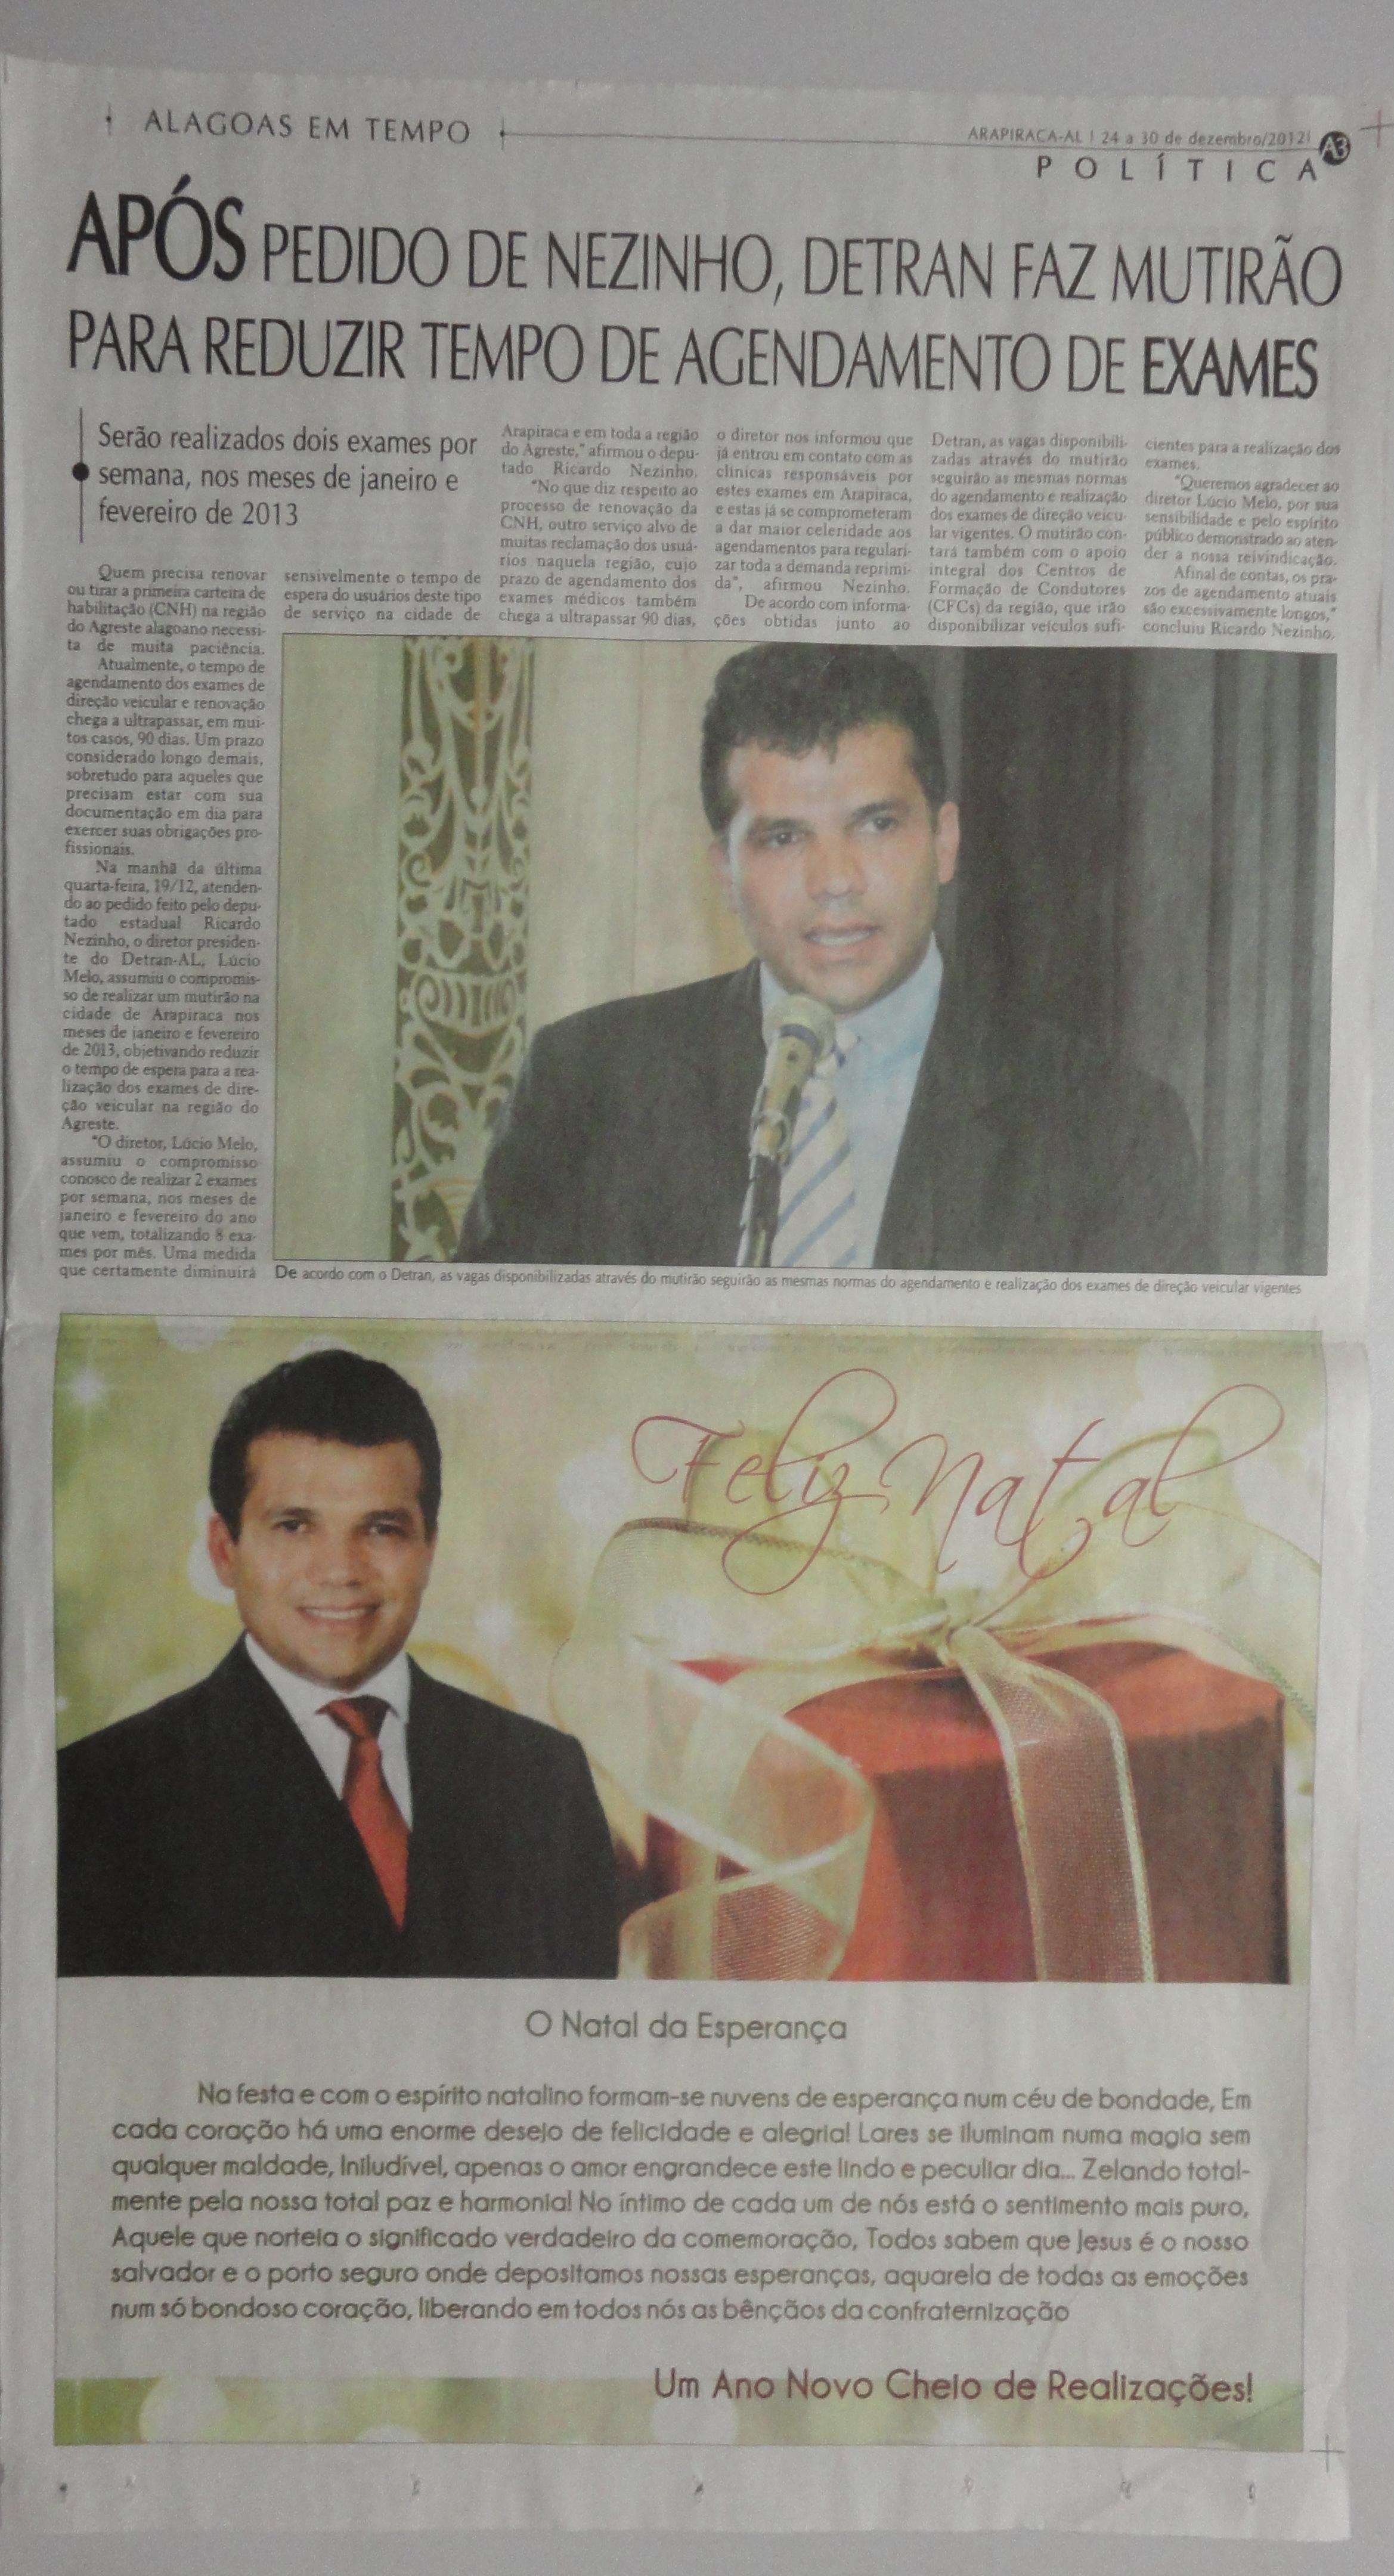 Alagoas em tempo 24 a 30-12-2012